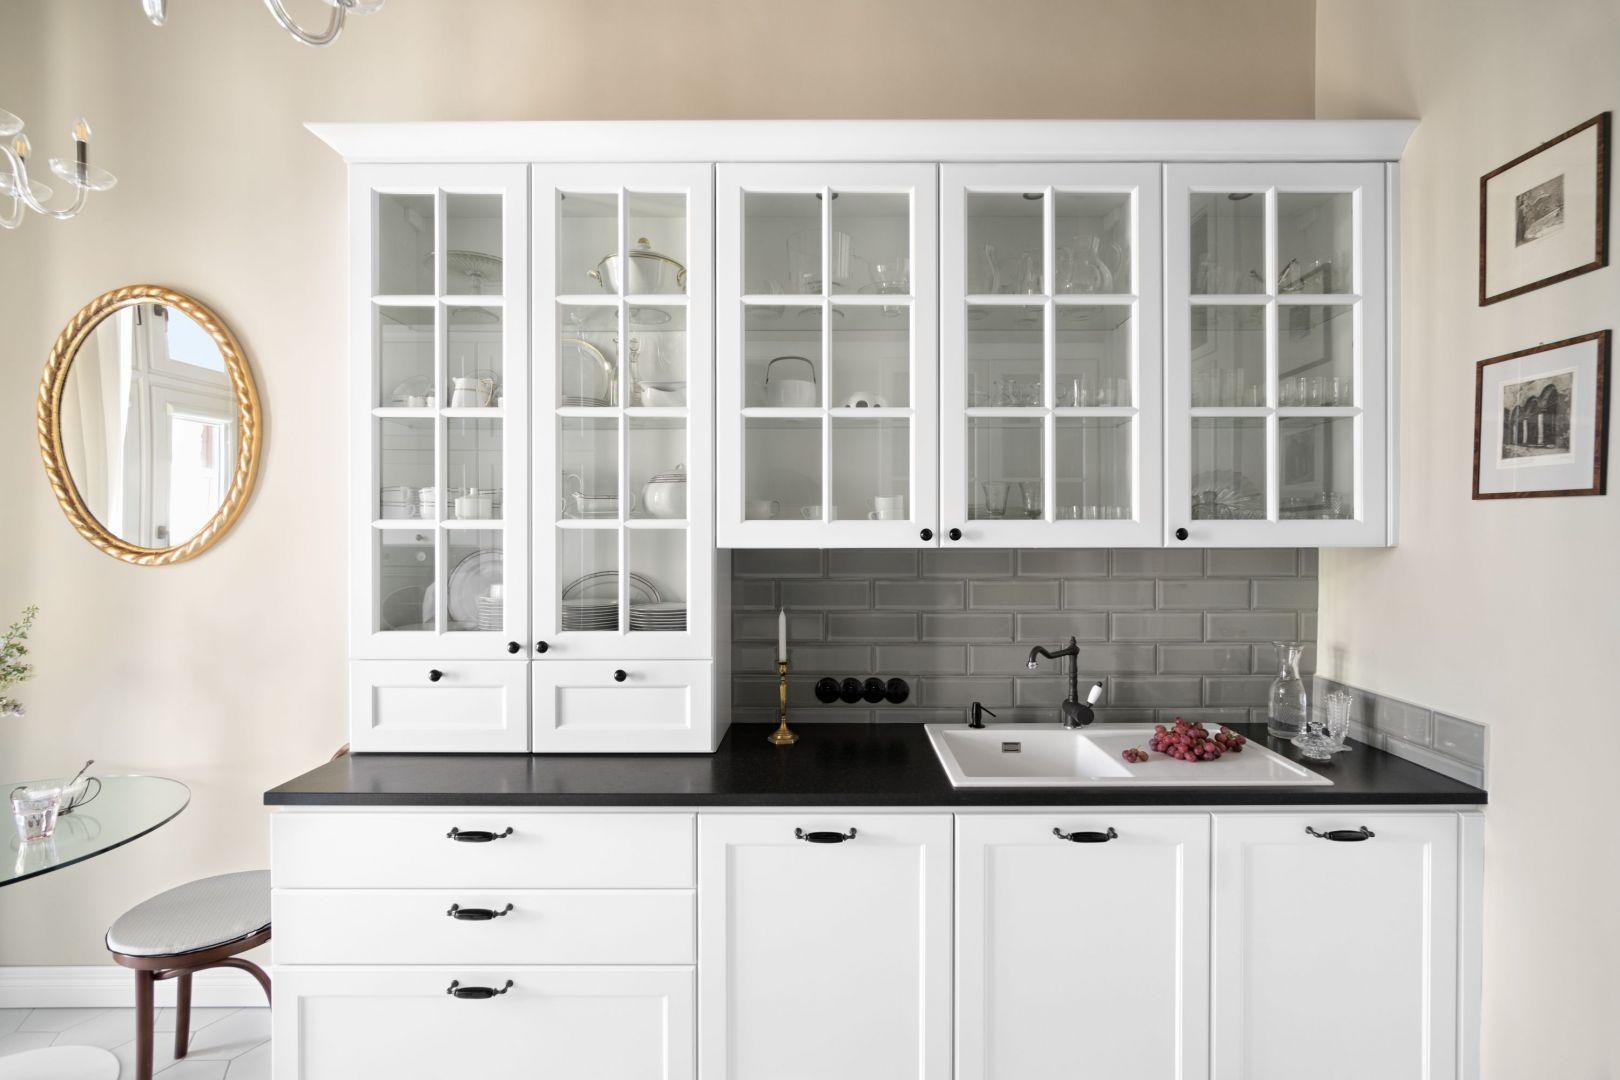 Jakie uchwyty sprawdzą się w modnej kuchni? Dobre pomysły, świetne zdjęcia. Projekt MM Architekci. Fot. Jeremiasz Nowak